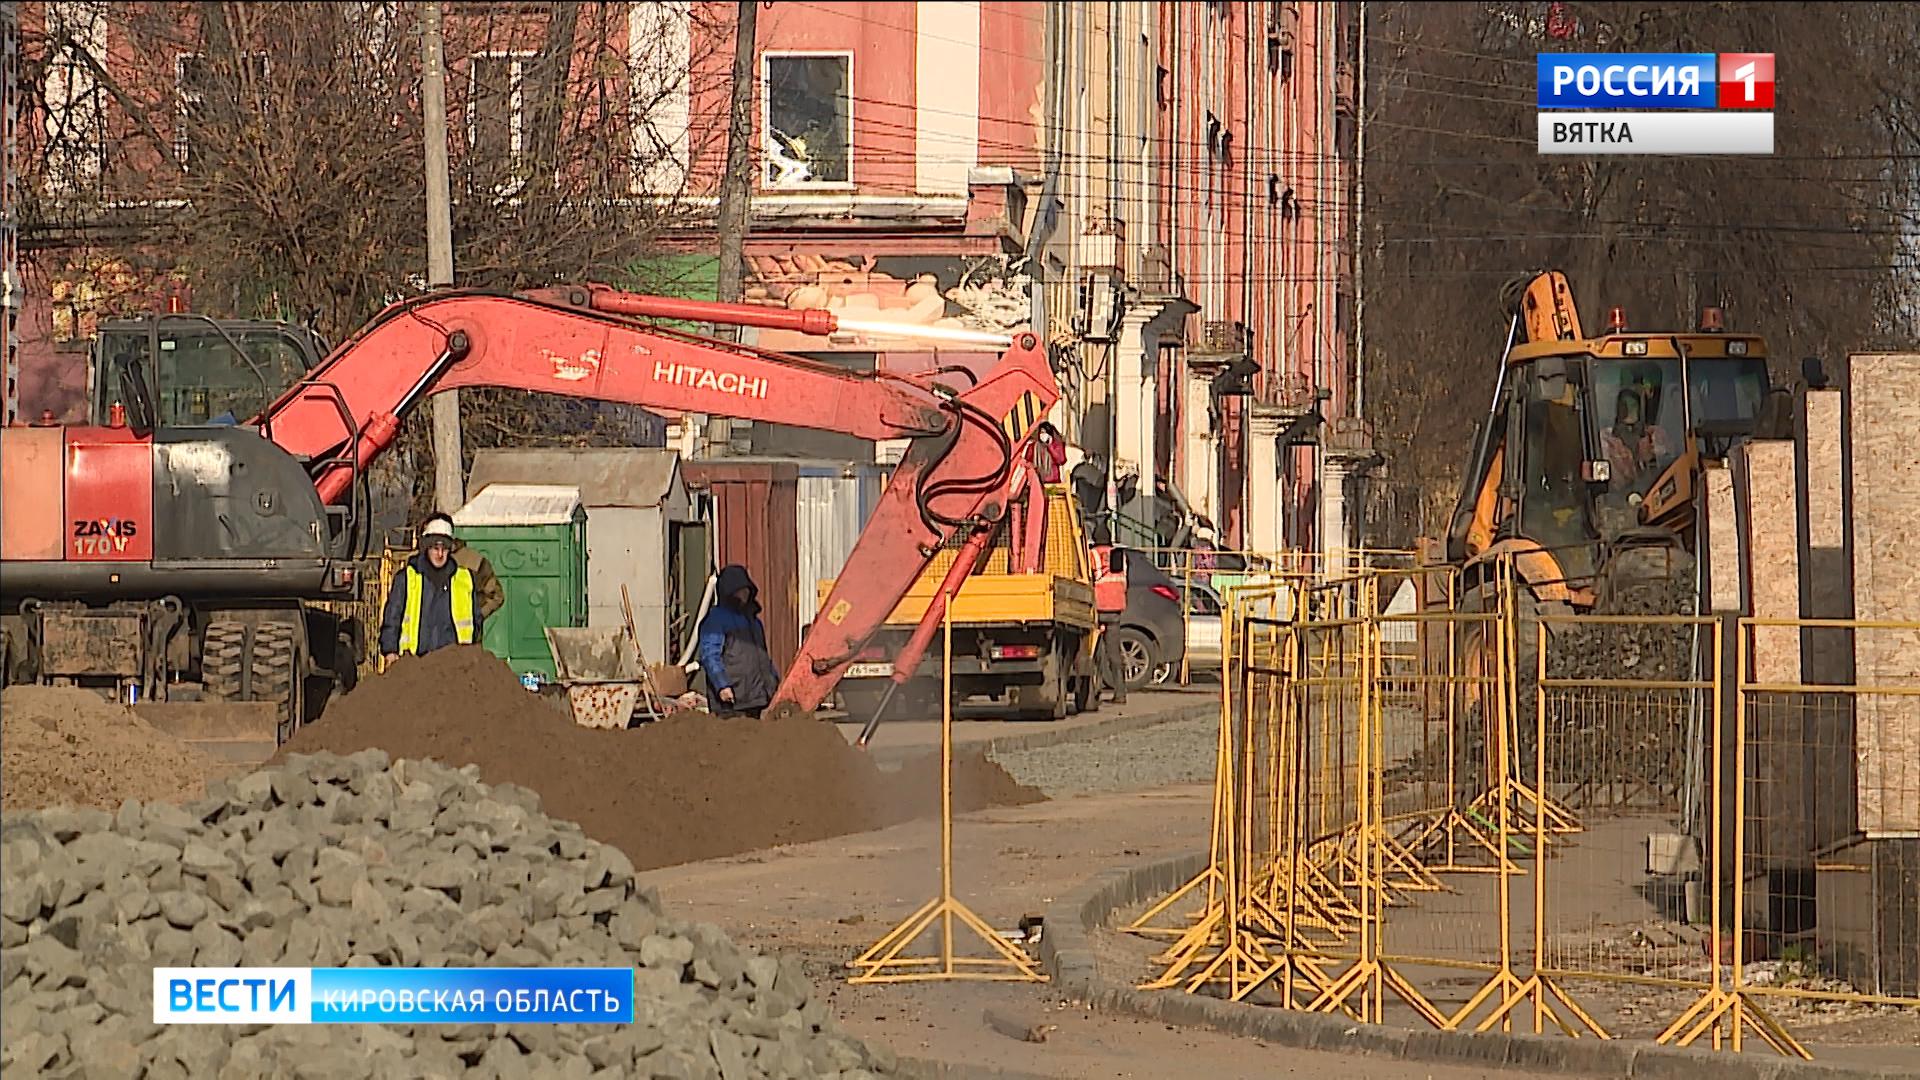 В Кирове перенесены сроки открытия улицы Казанской